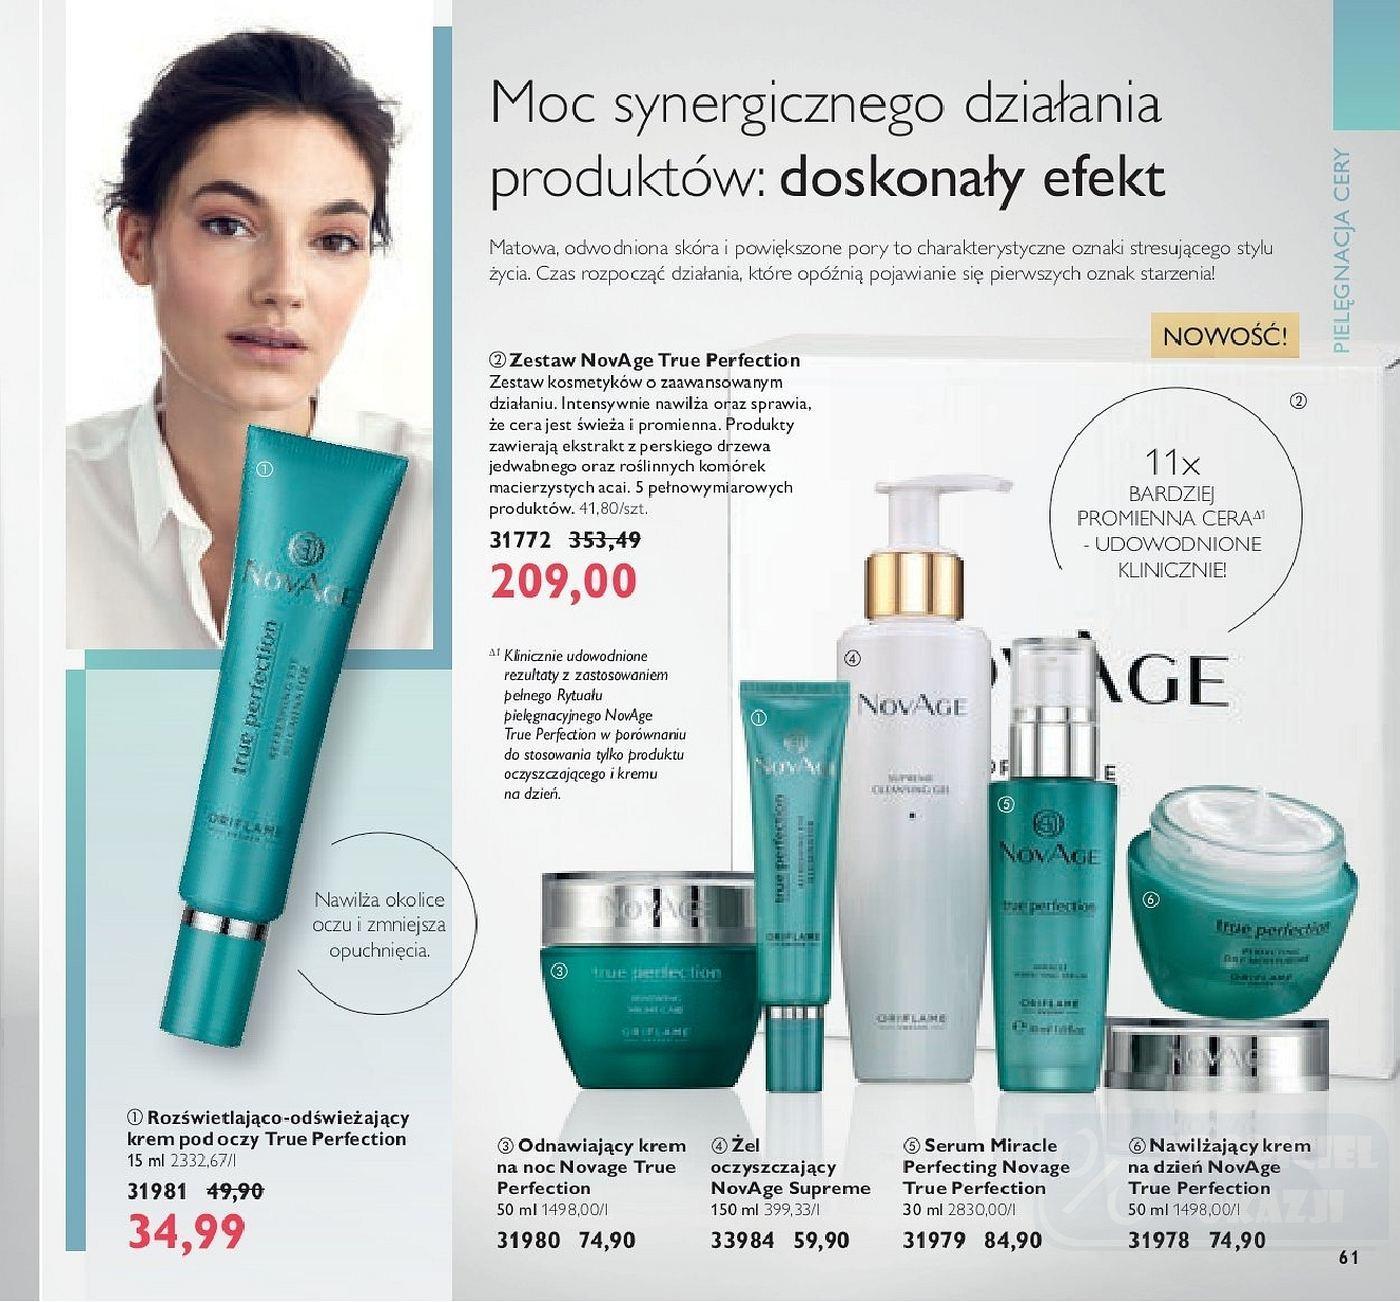 Gazetka promocyjna Oriflame do 05/11/2018 str.60